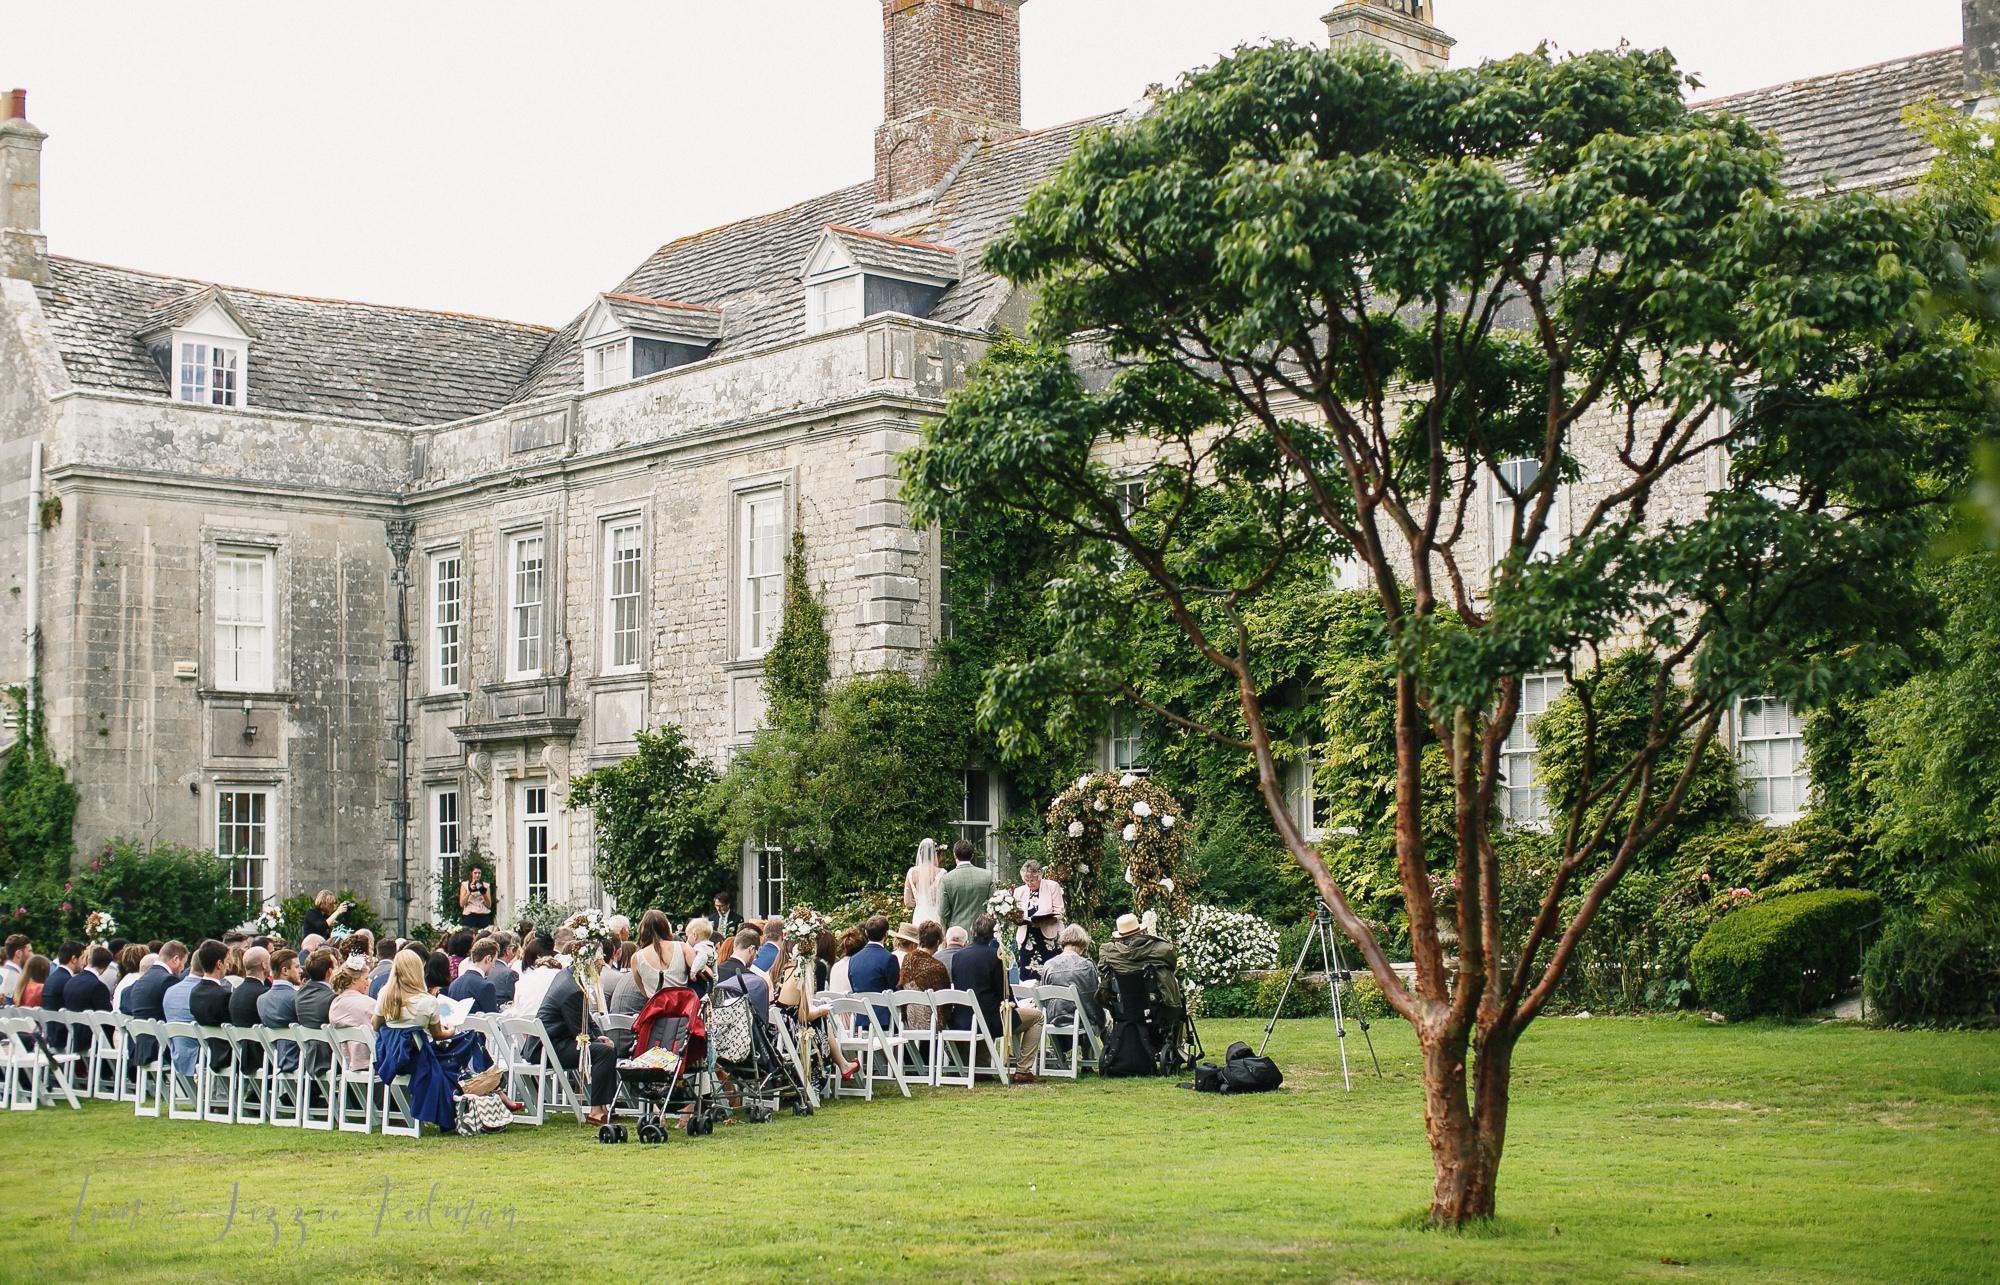 smedmore house weddings dorset